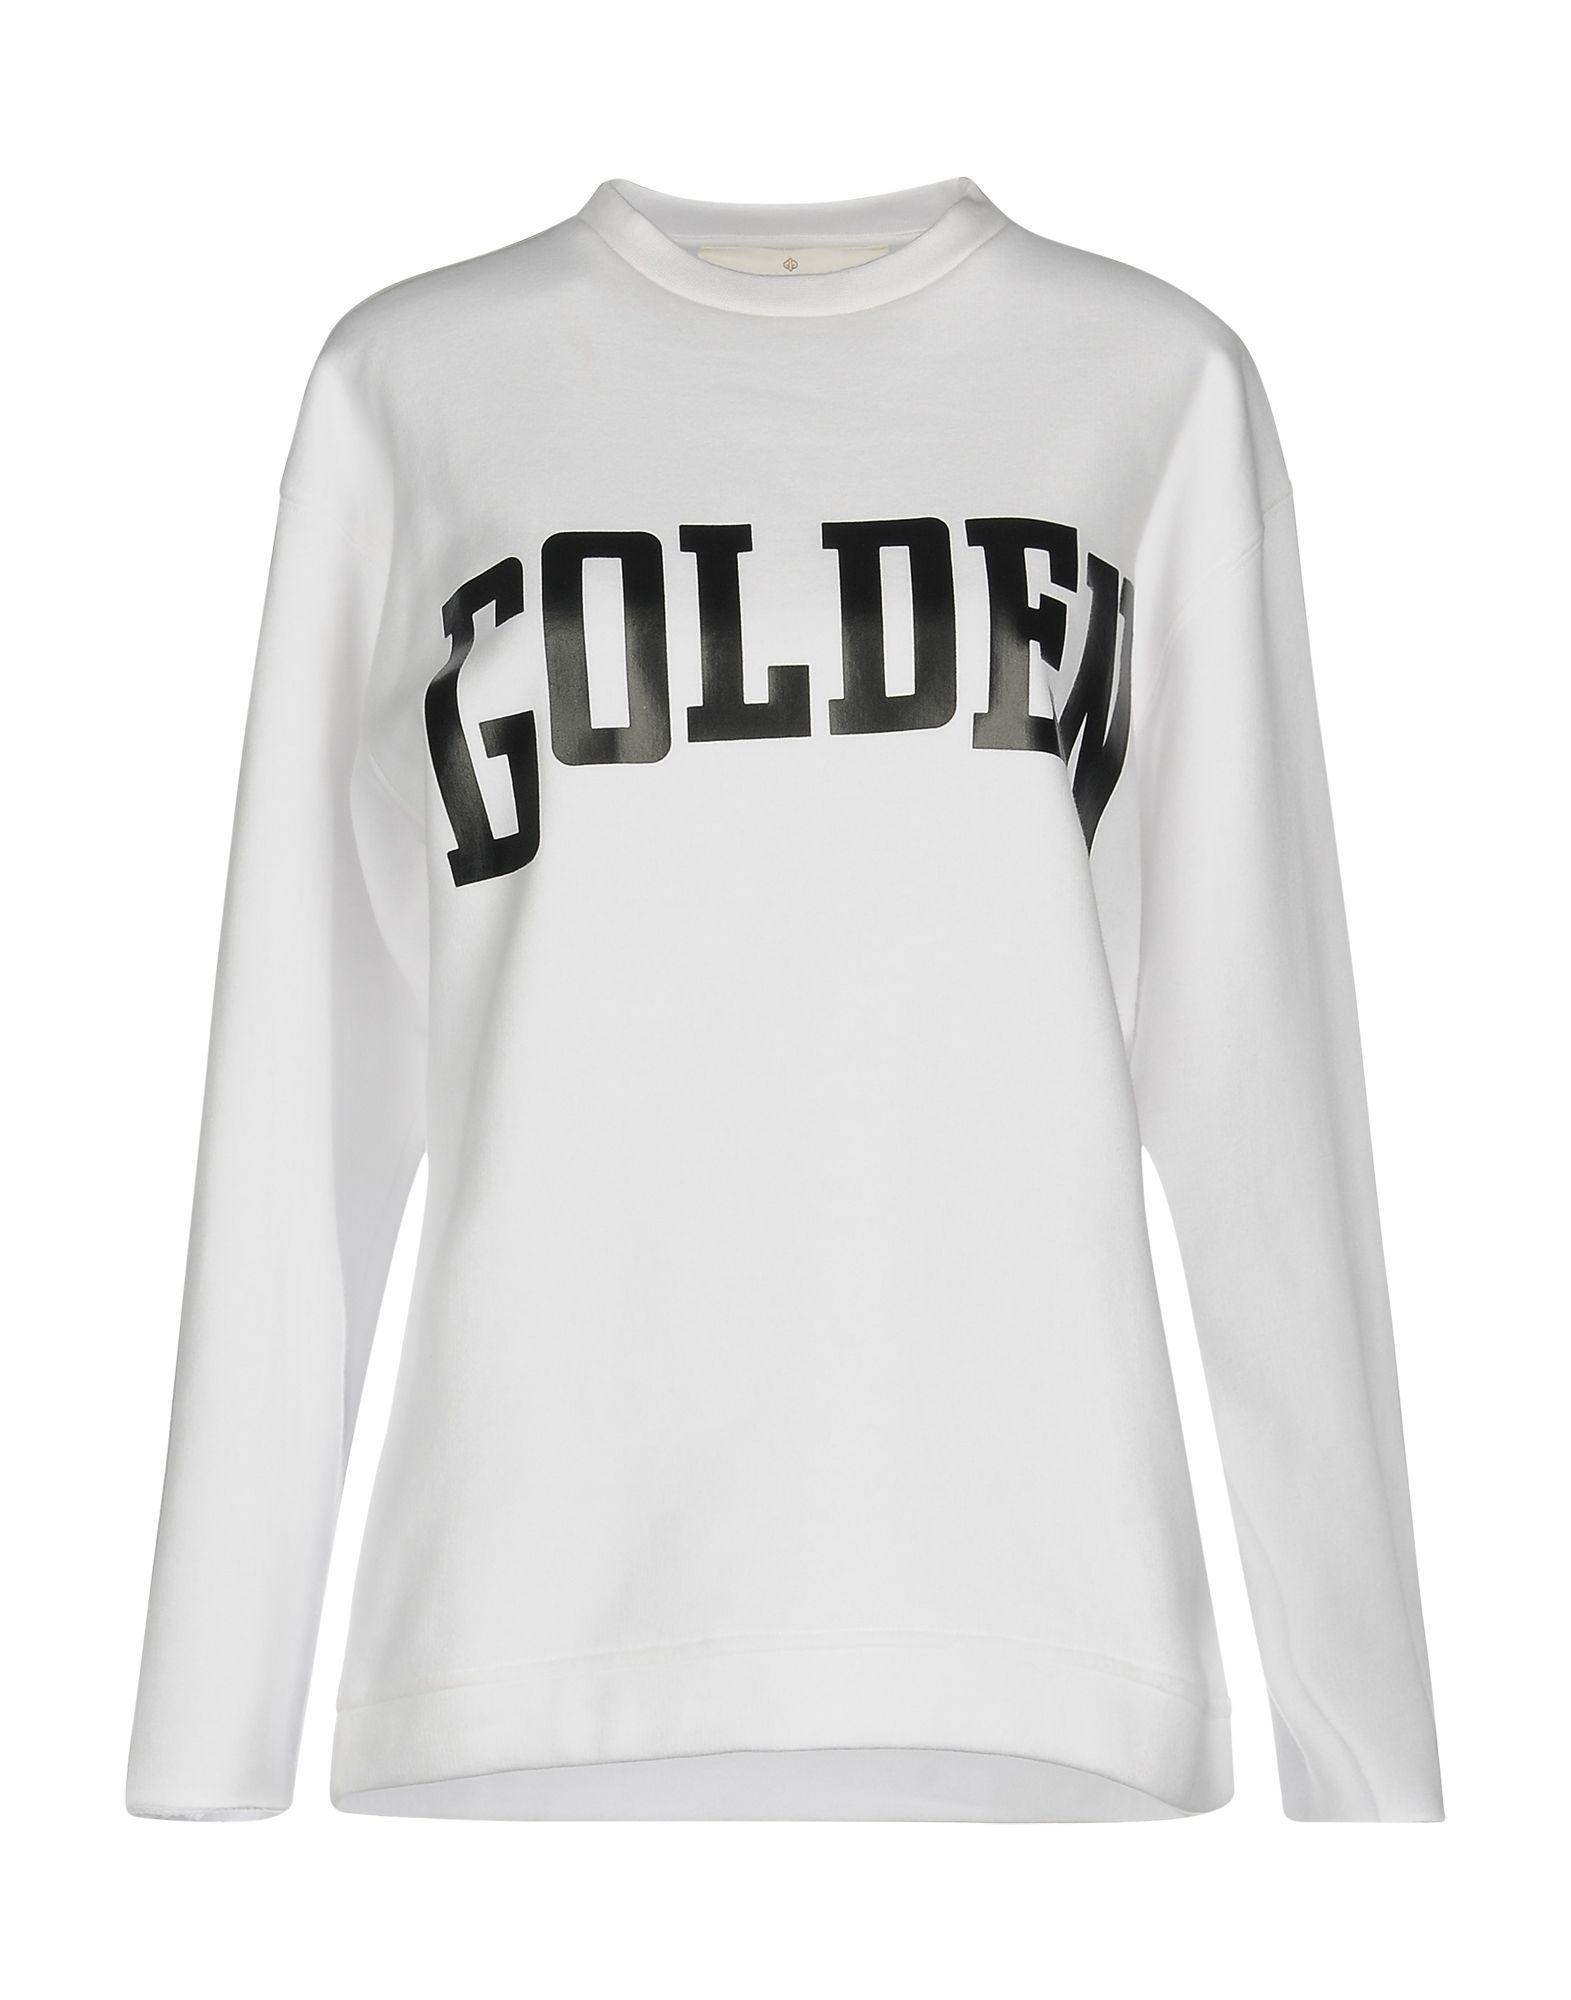 GOLDEN GOOSE DELUXE BRAND Толстовка парка canada goose 3811l 49